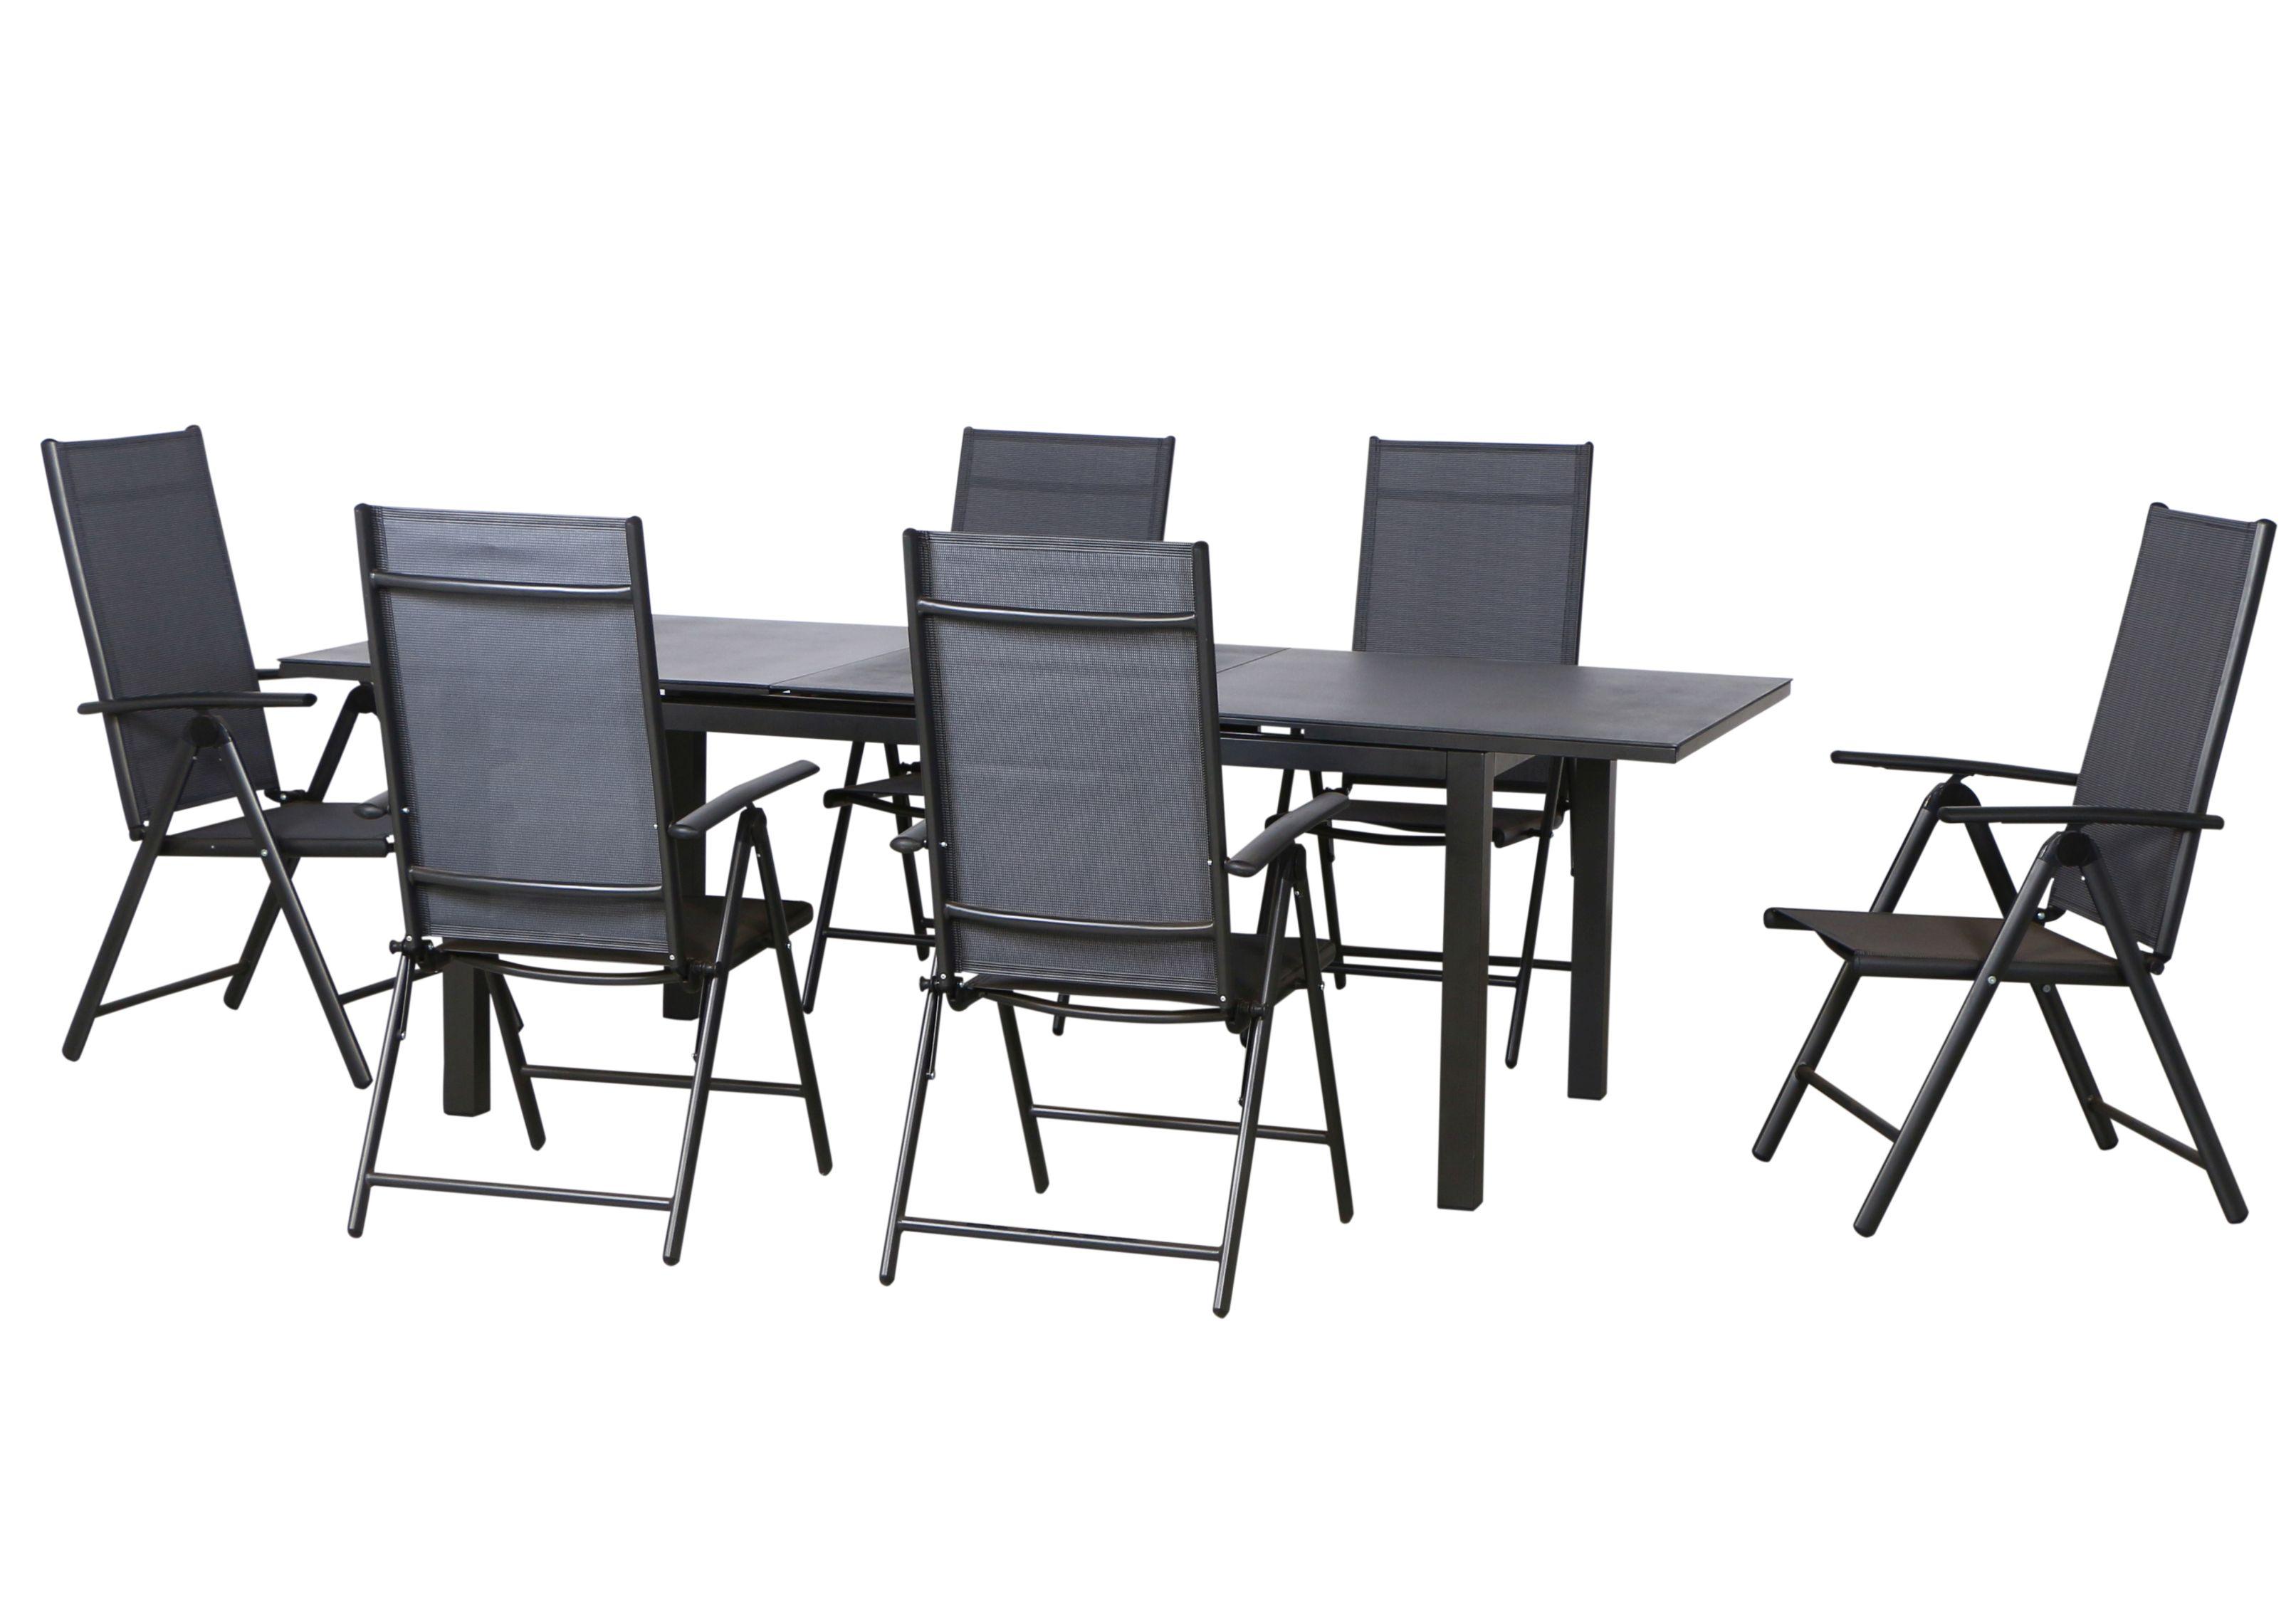 el paso alu sitzgruppe gartenm bel set 7tlg anthrazit. Black Bedroom Furniture Sets. Home Design Ideas